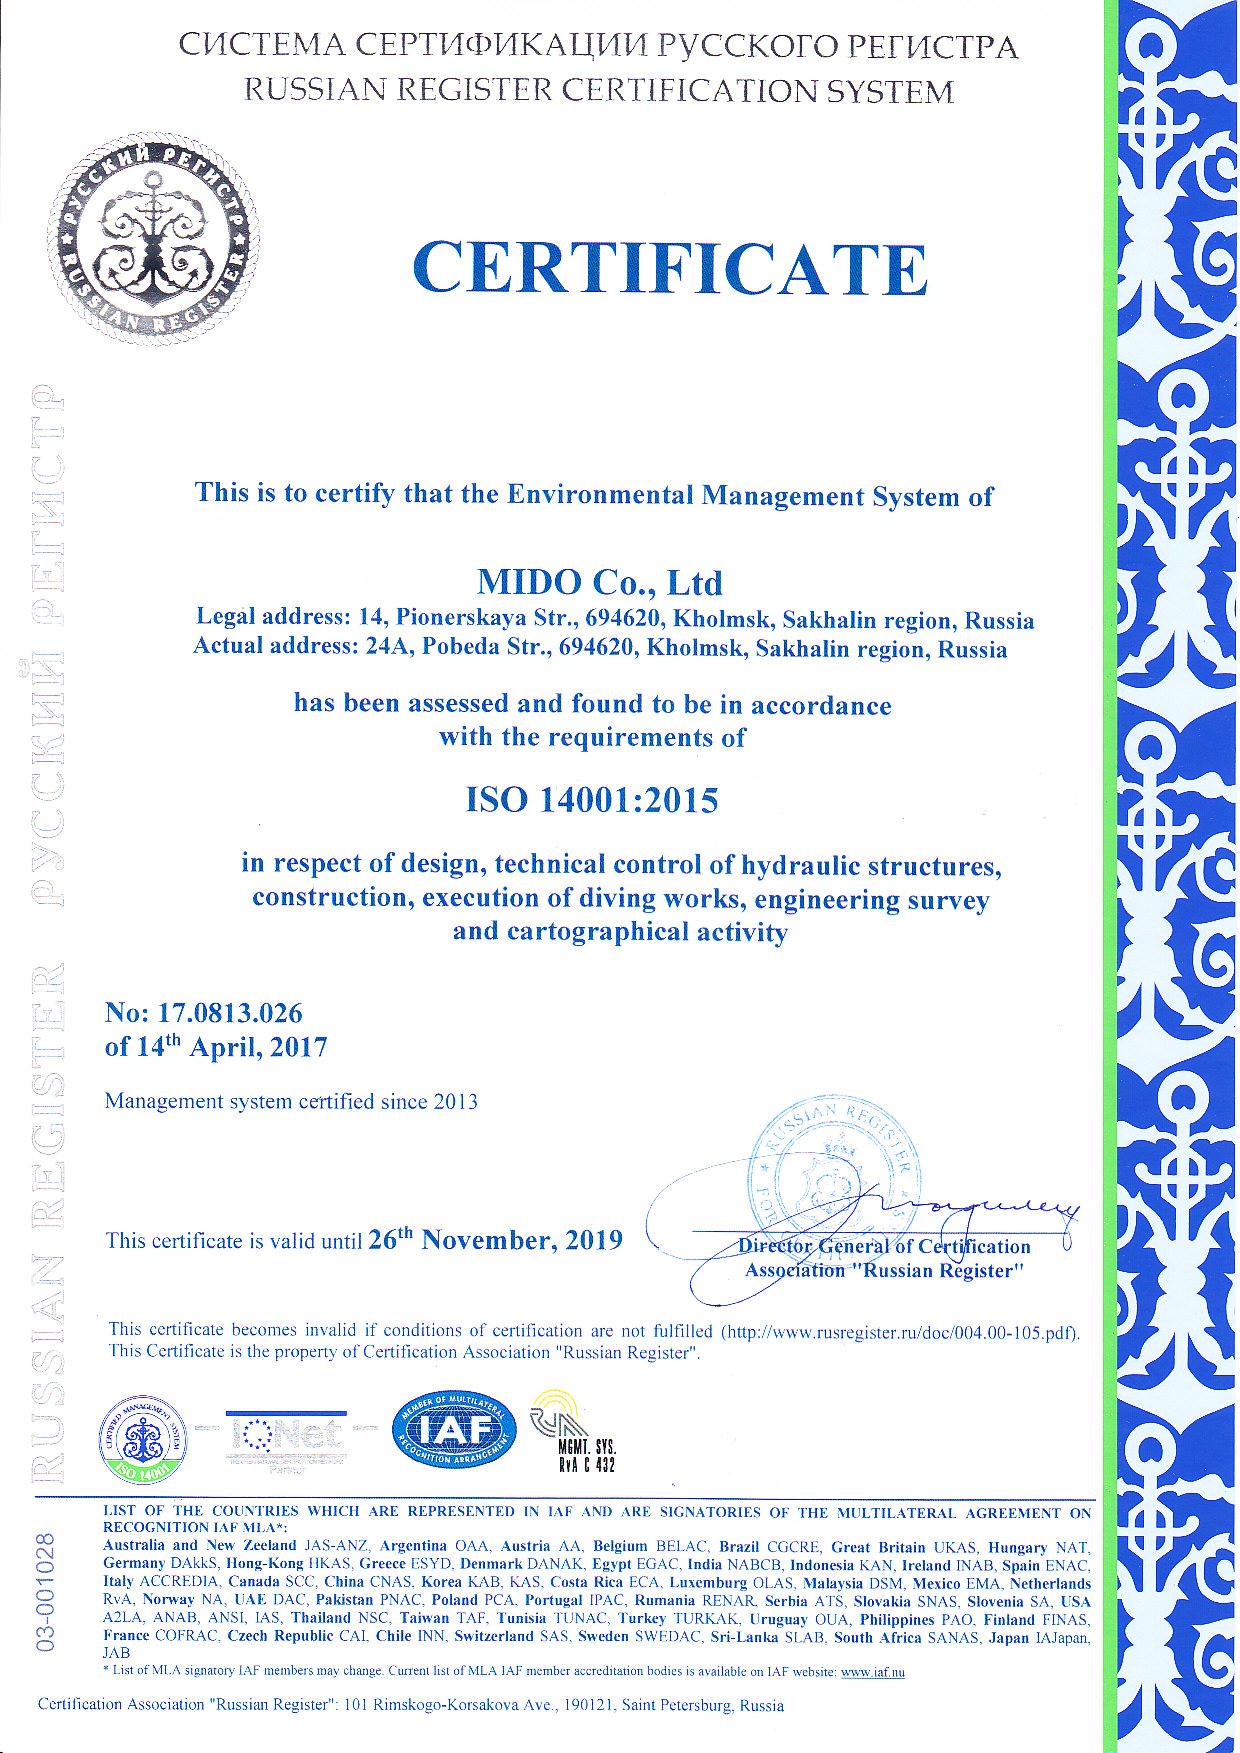 купить сертификат ИСО 14001 2015 в Барнауле